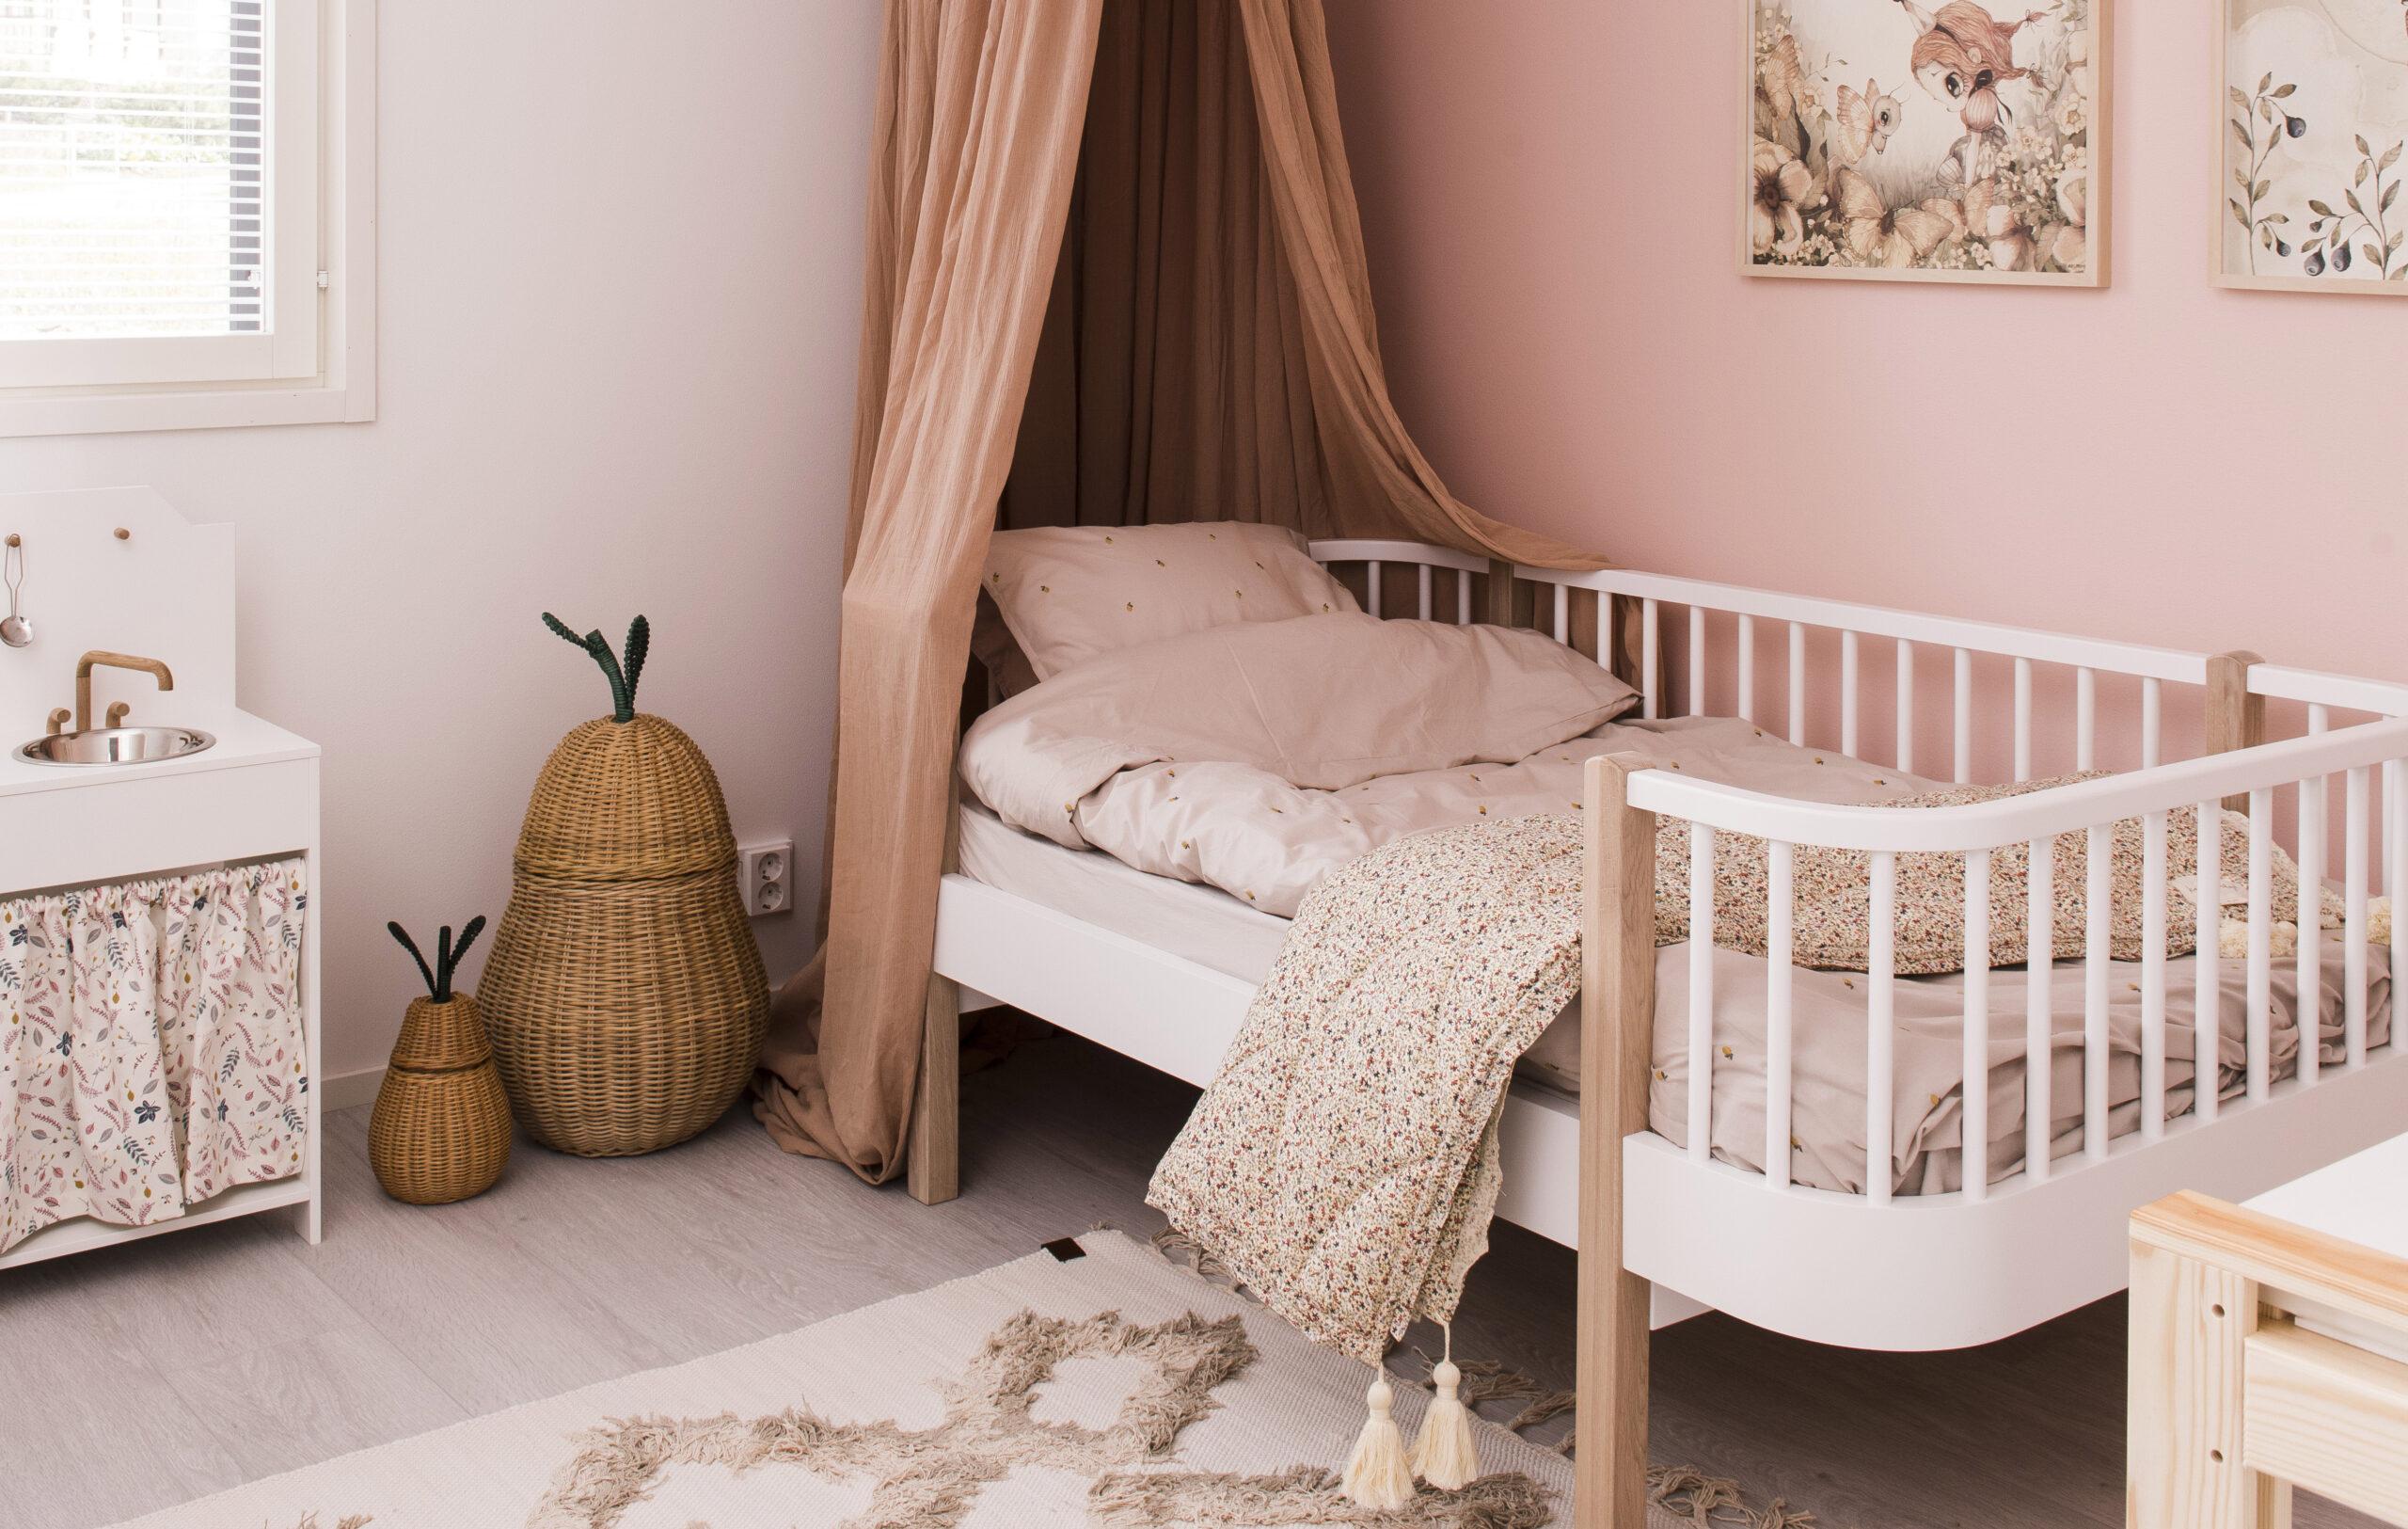 Lohjan asuntomessut: lastenhuoneen sisustus